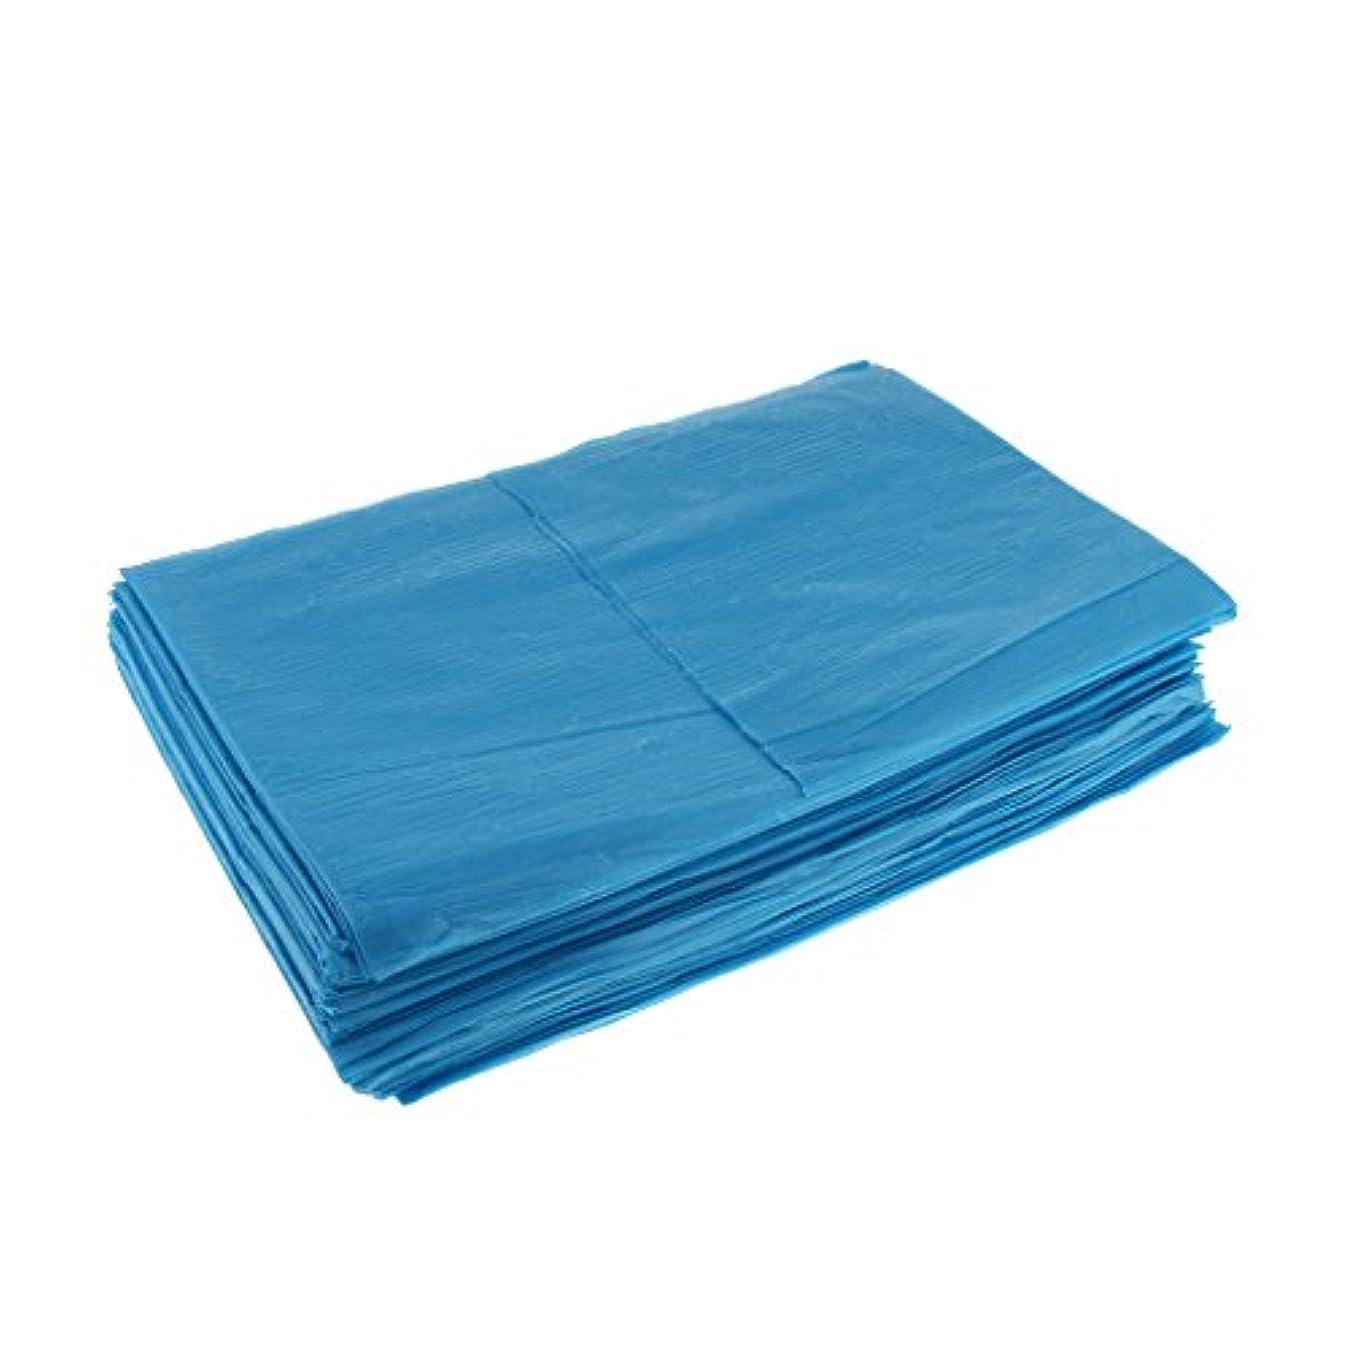 呼び出す滴下ガロンKesoto 10枚 使い捨てベッドシーツ 使い捨て 美容 マッサージ サロン ホテル ベッドパッド カバー シート 2色選べ - 青